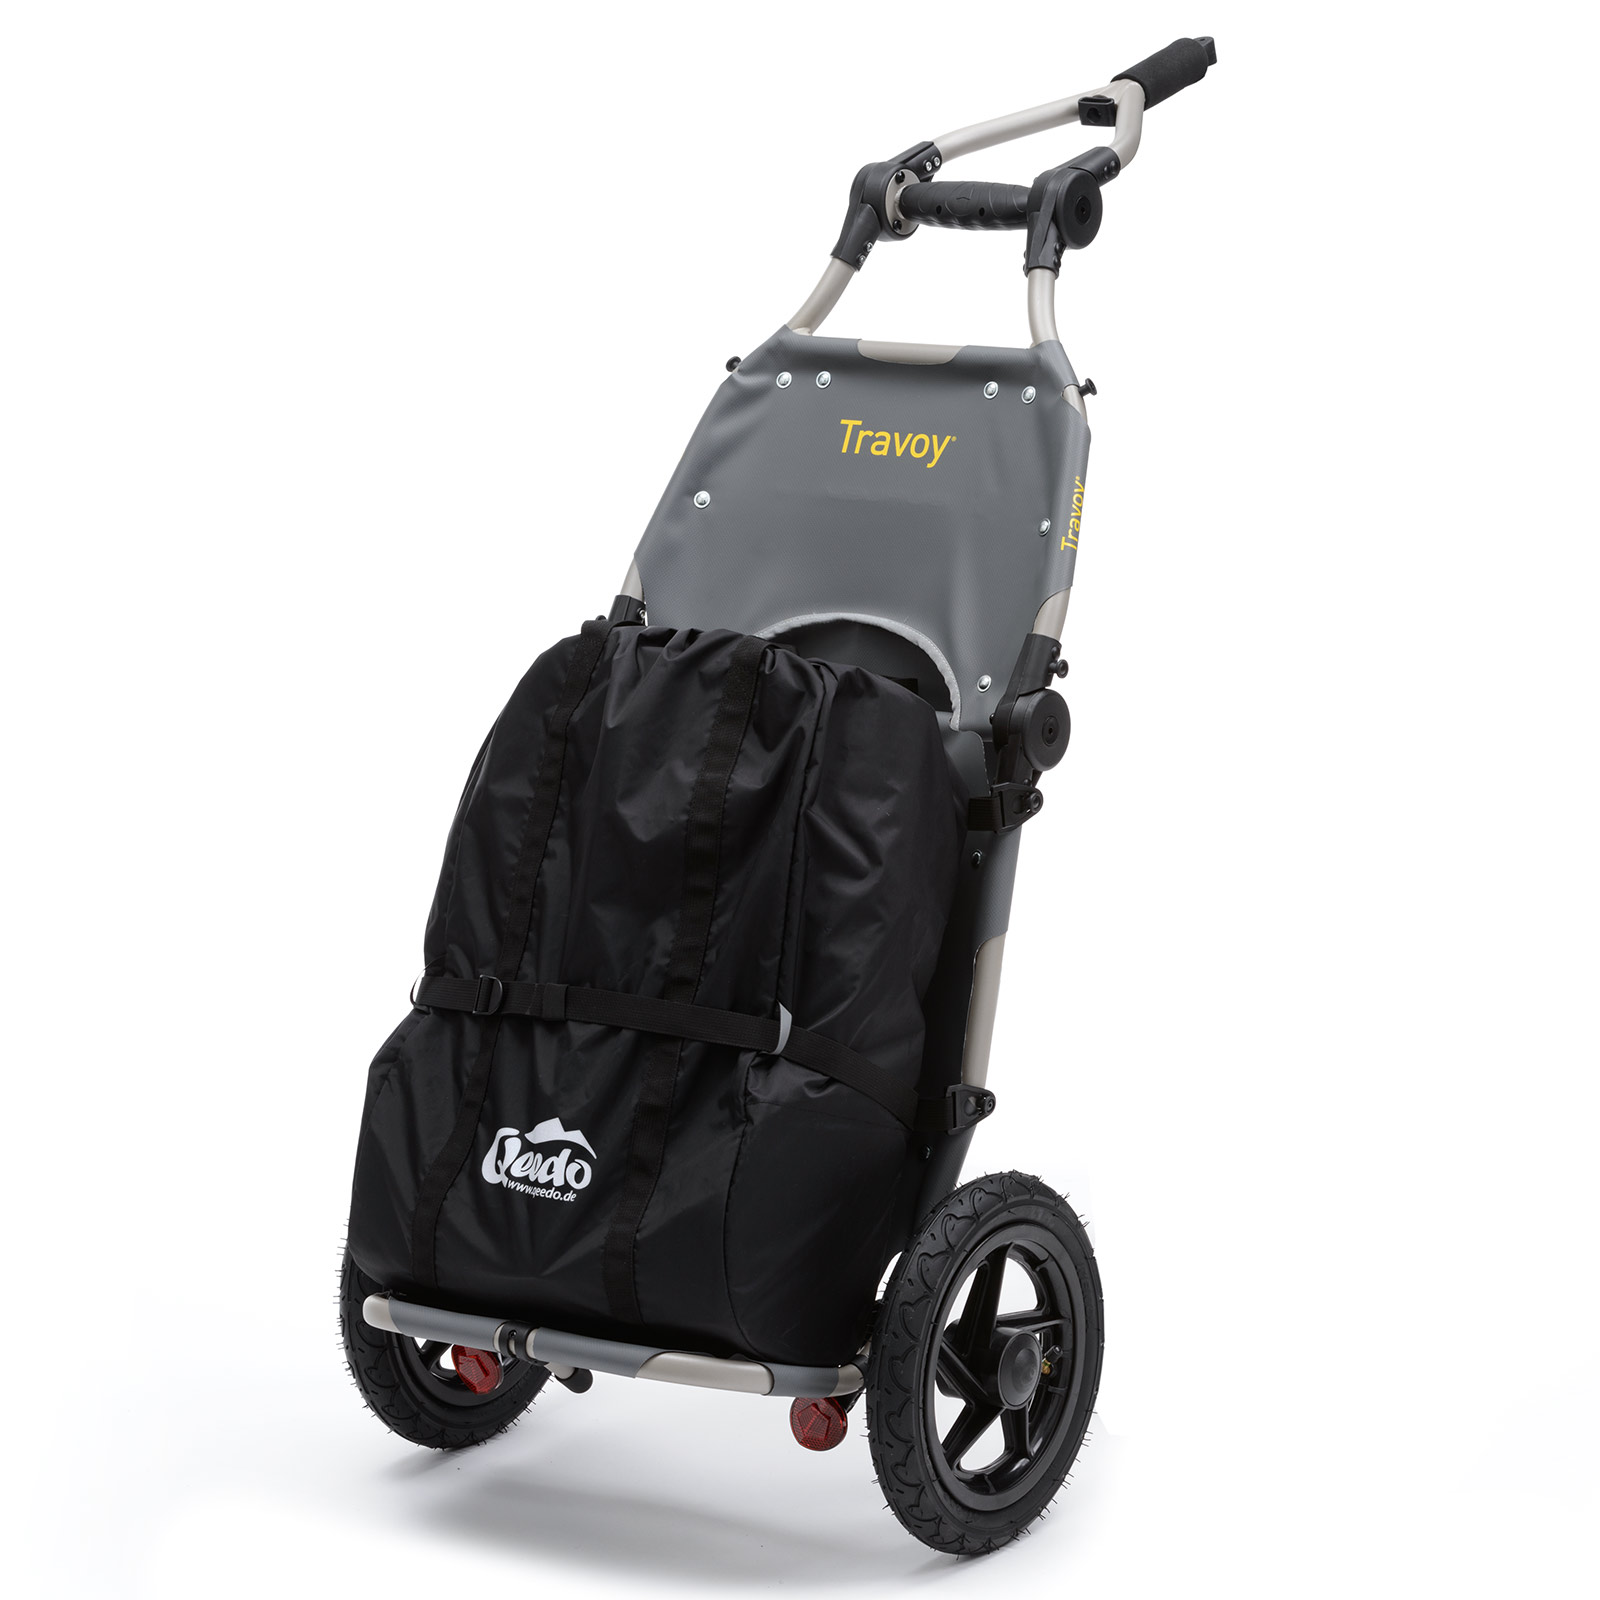 einkaufstrolley fahrrad lastenanh nger burley travoy transportanh nger shopper ebay. Black Bedroom Furniture Sets. Home Design Ideas